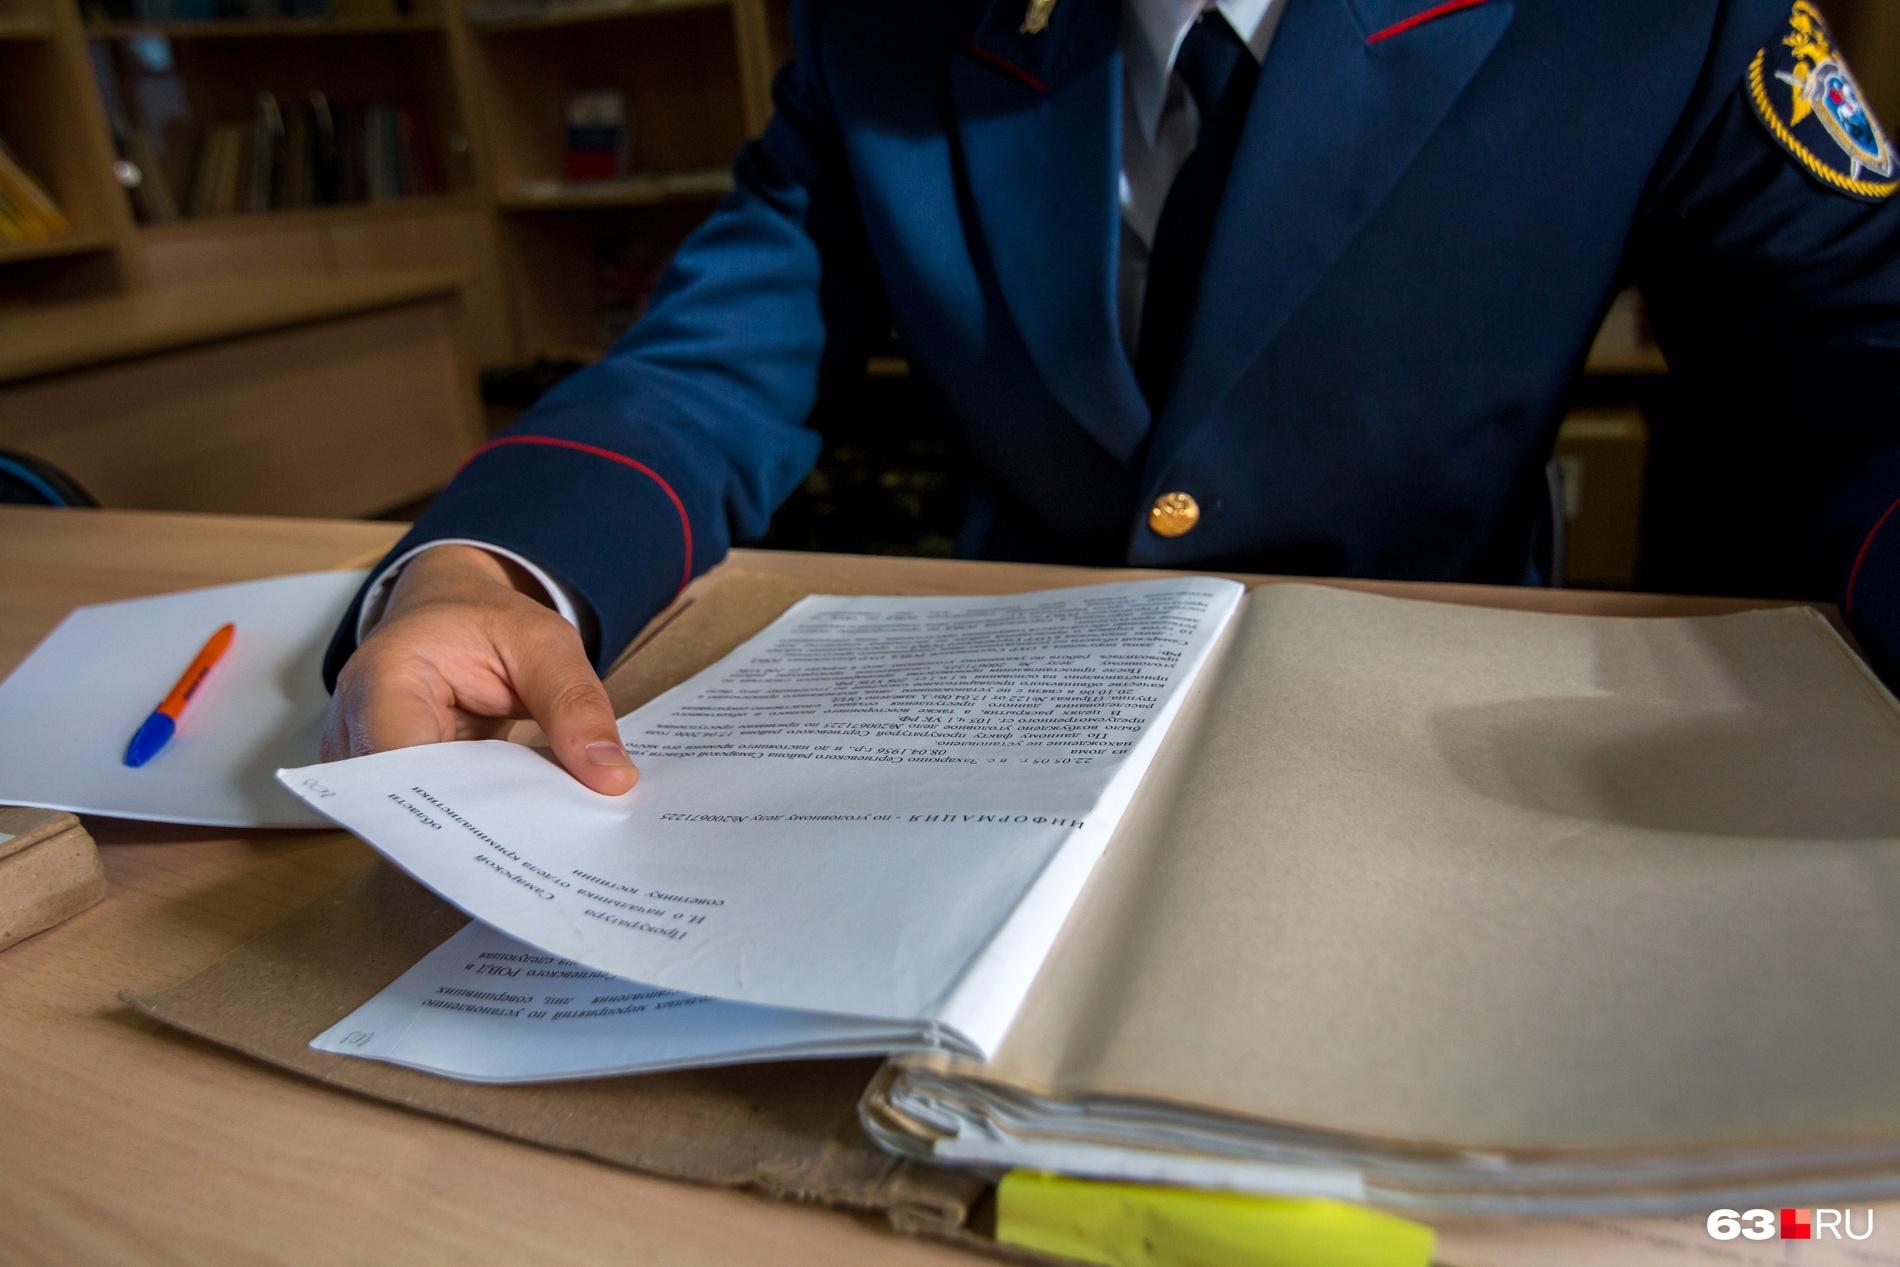 Оттачивание литературного мастерства. К вопросу о «крышевании» проституции в Пензе-3